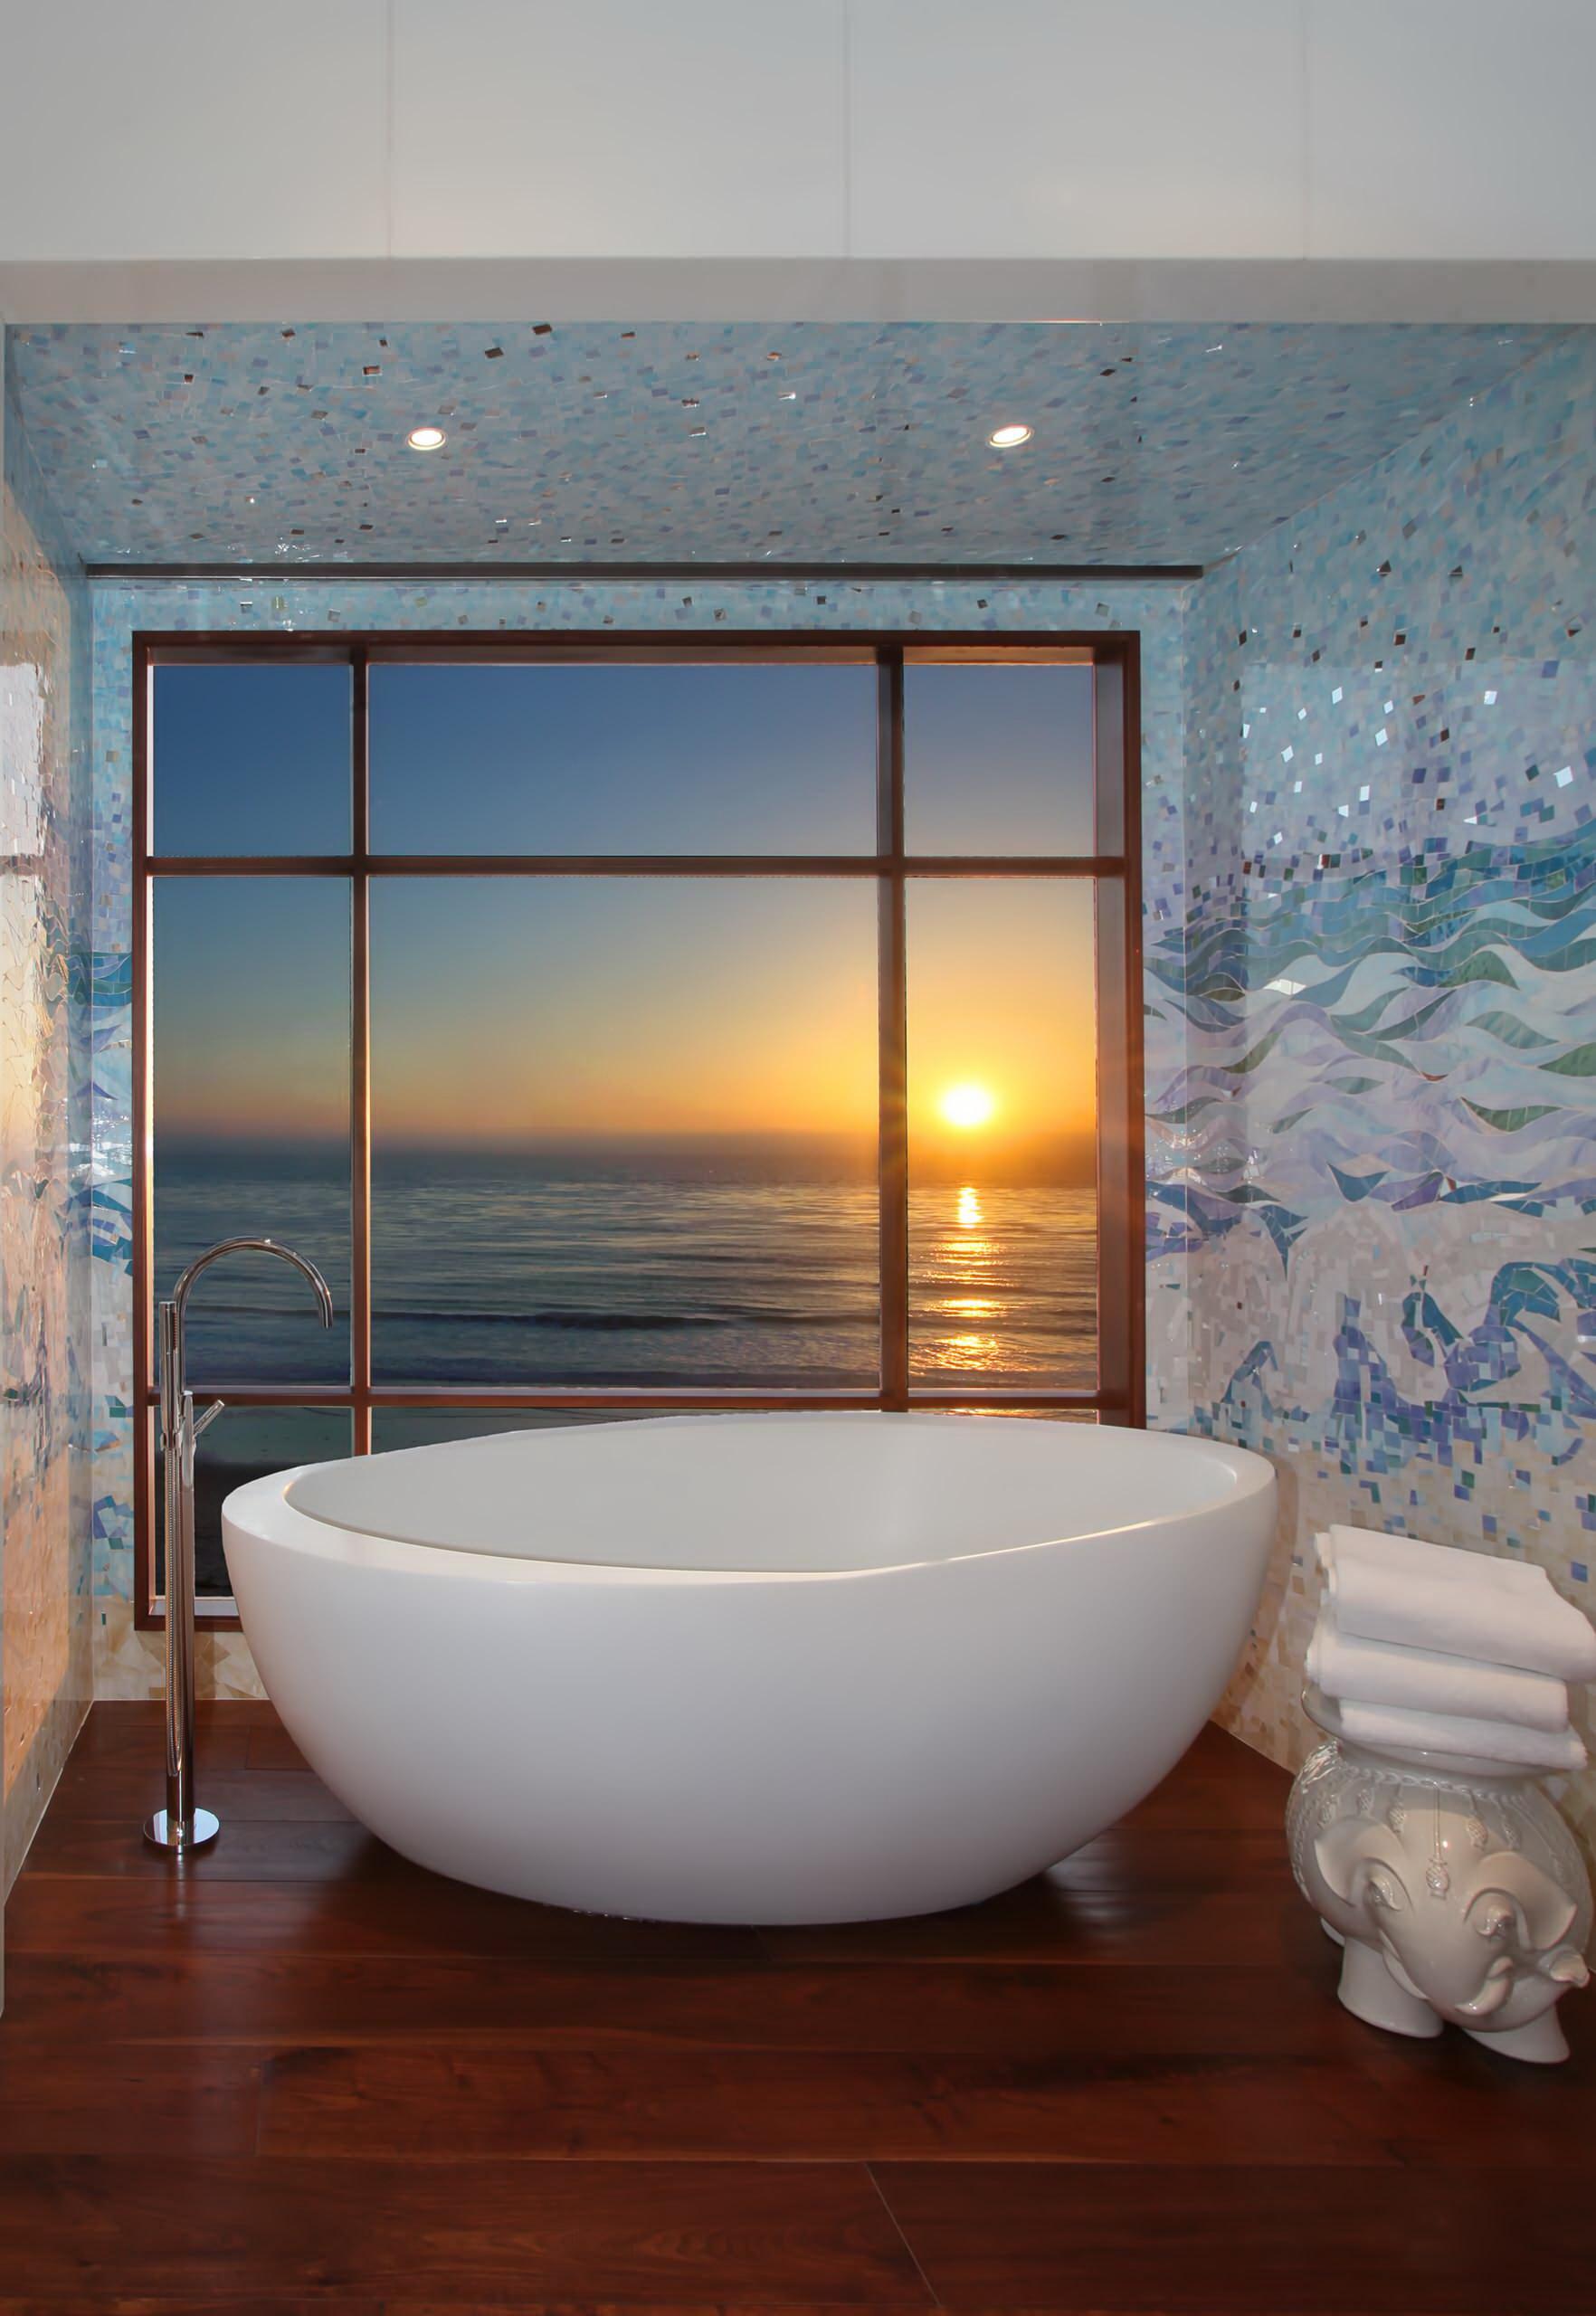 Картинки с видом ванной комнаты